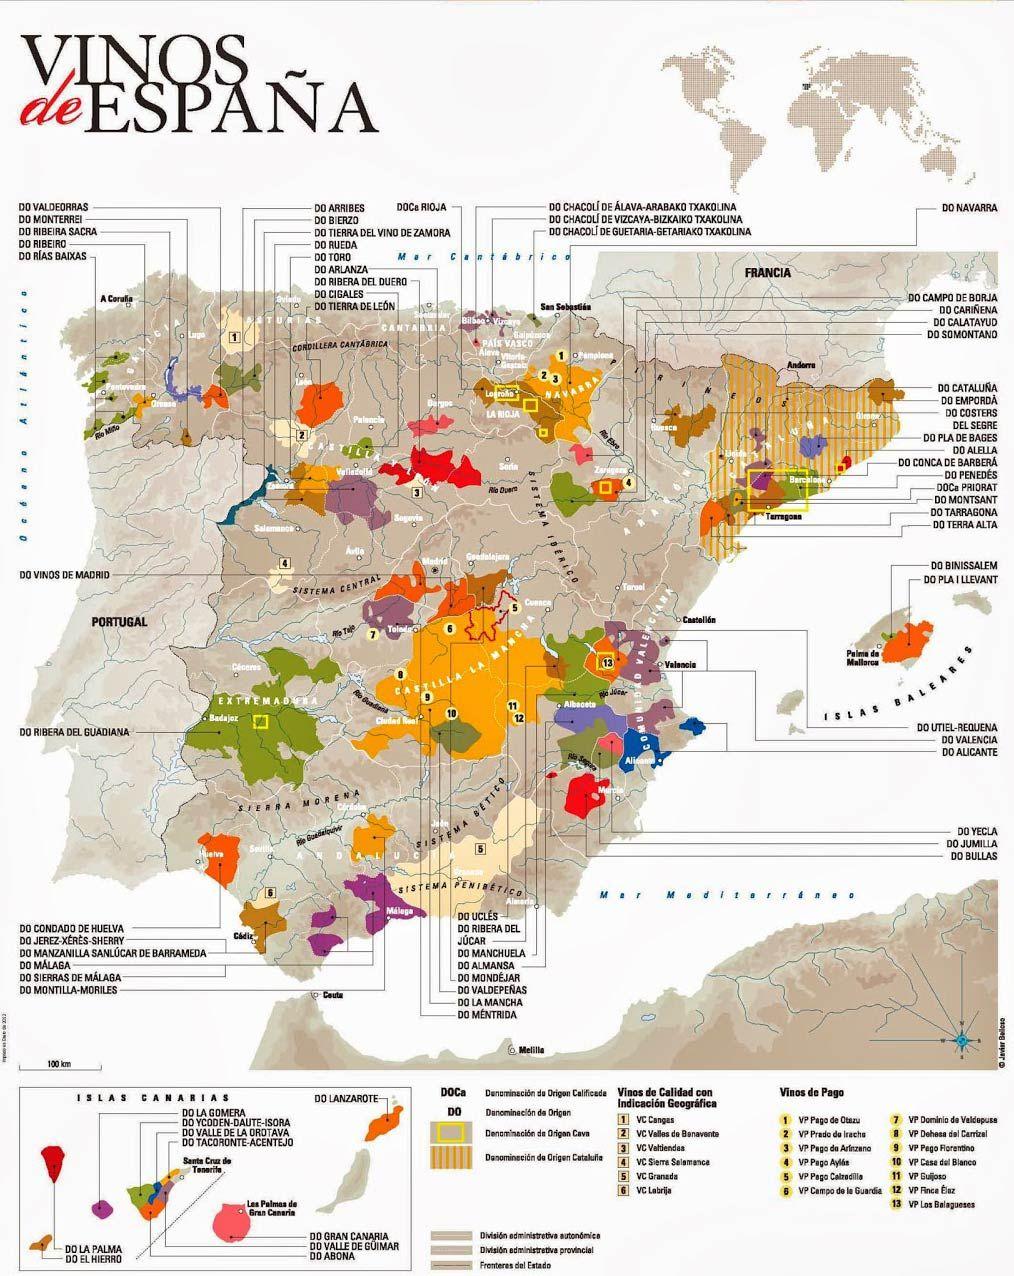 Denominaciones de origen del vino de espa a 2017 mapa y - Plano de valdepenas ...